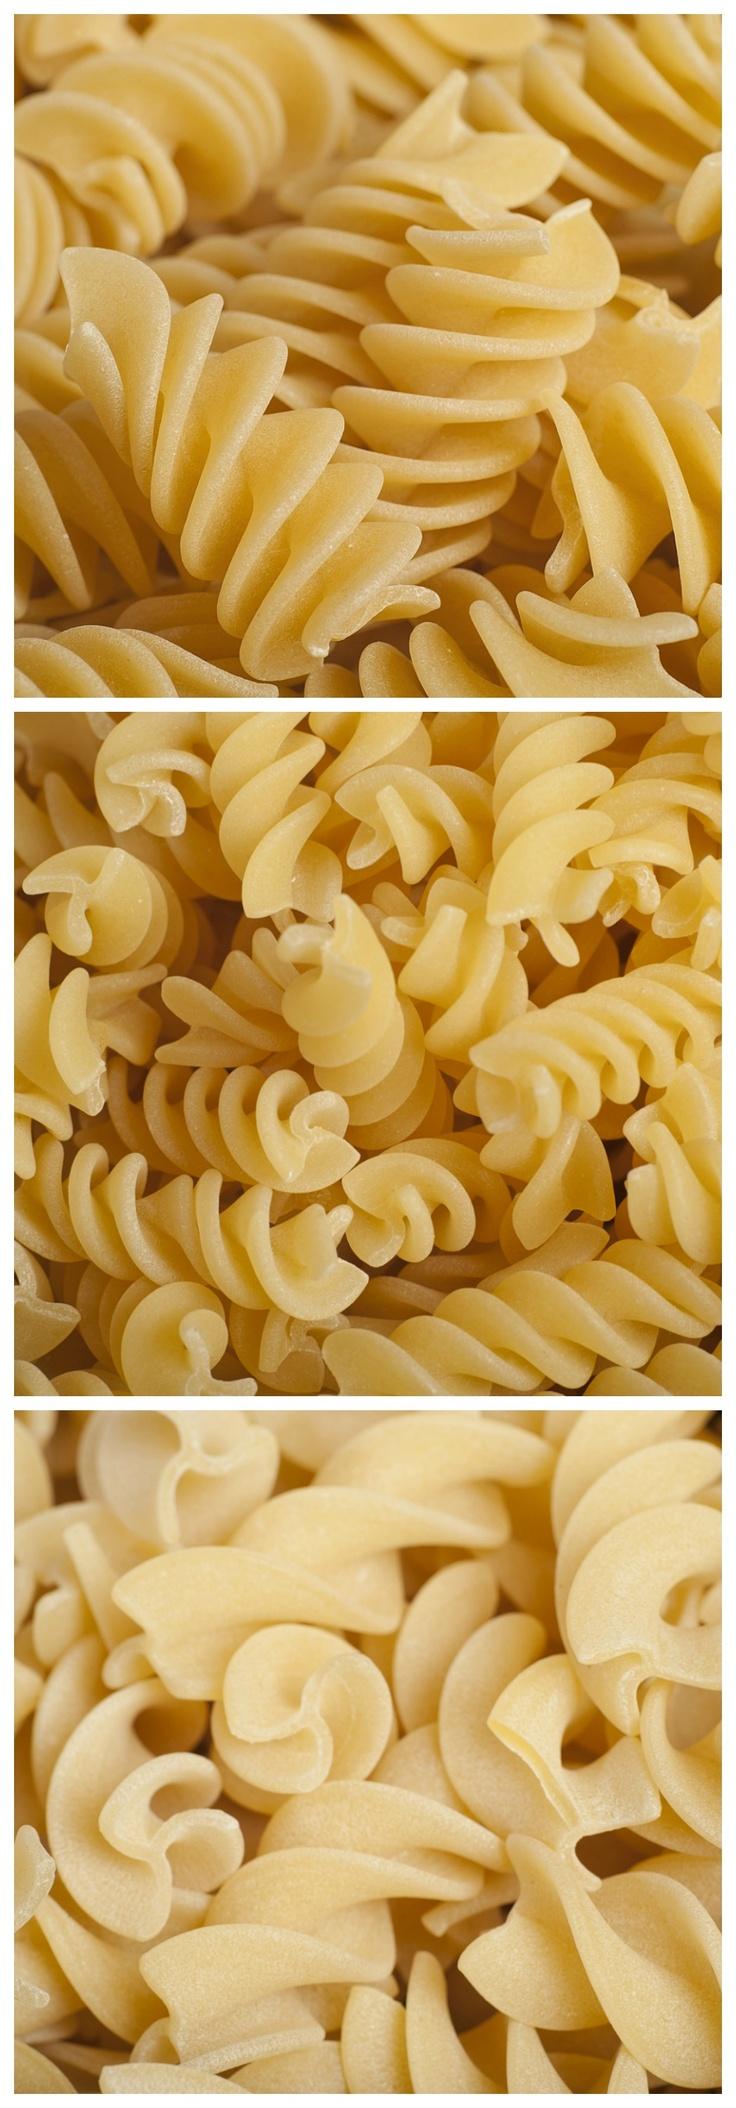 Short Pasta Shapes - Fusilli